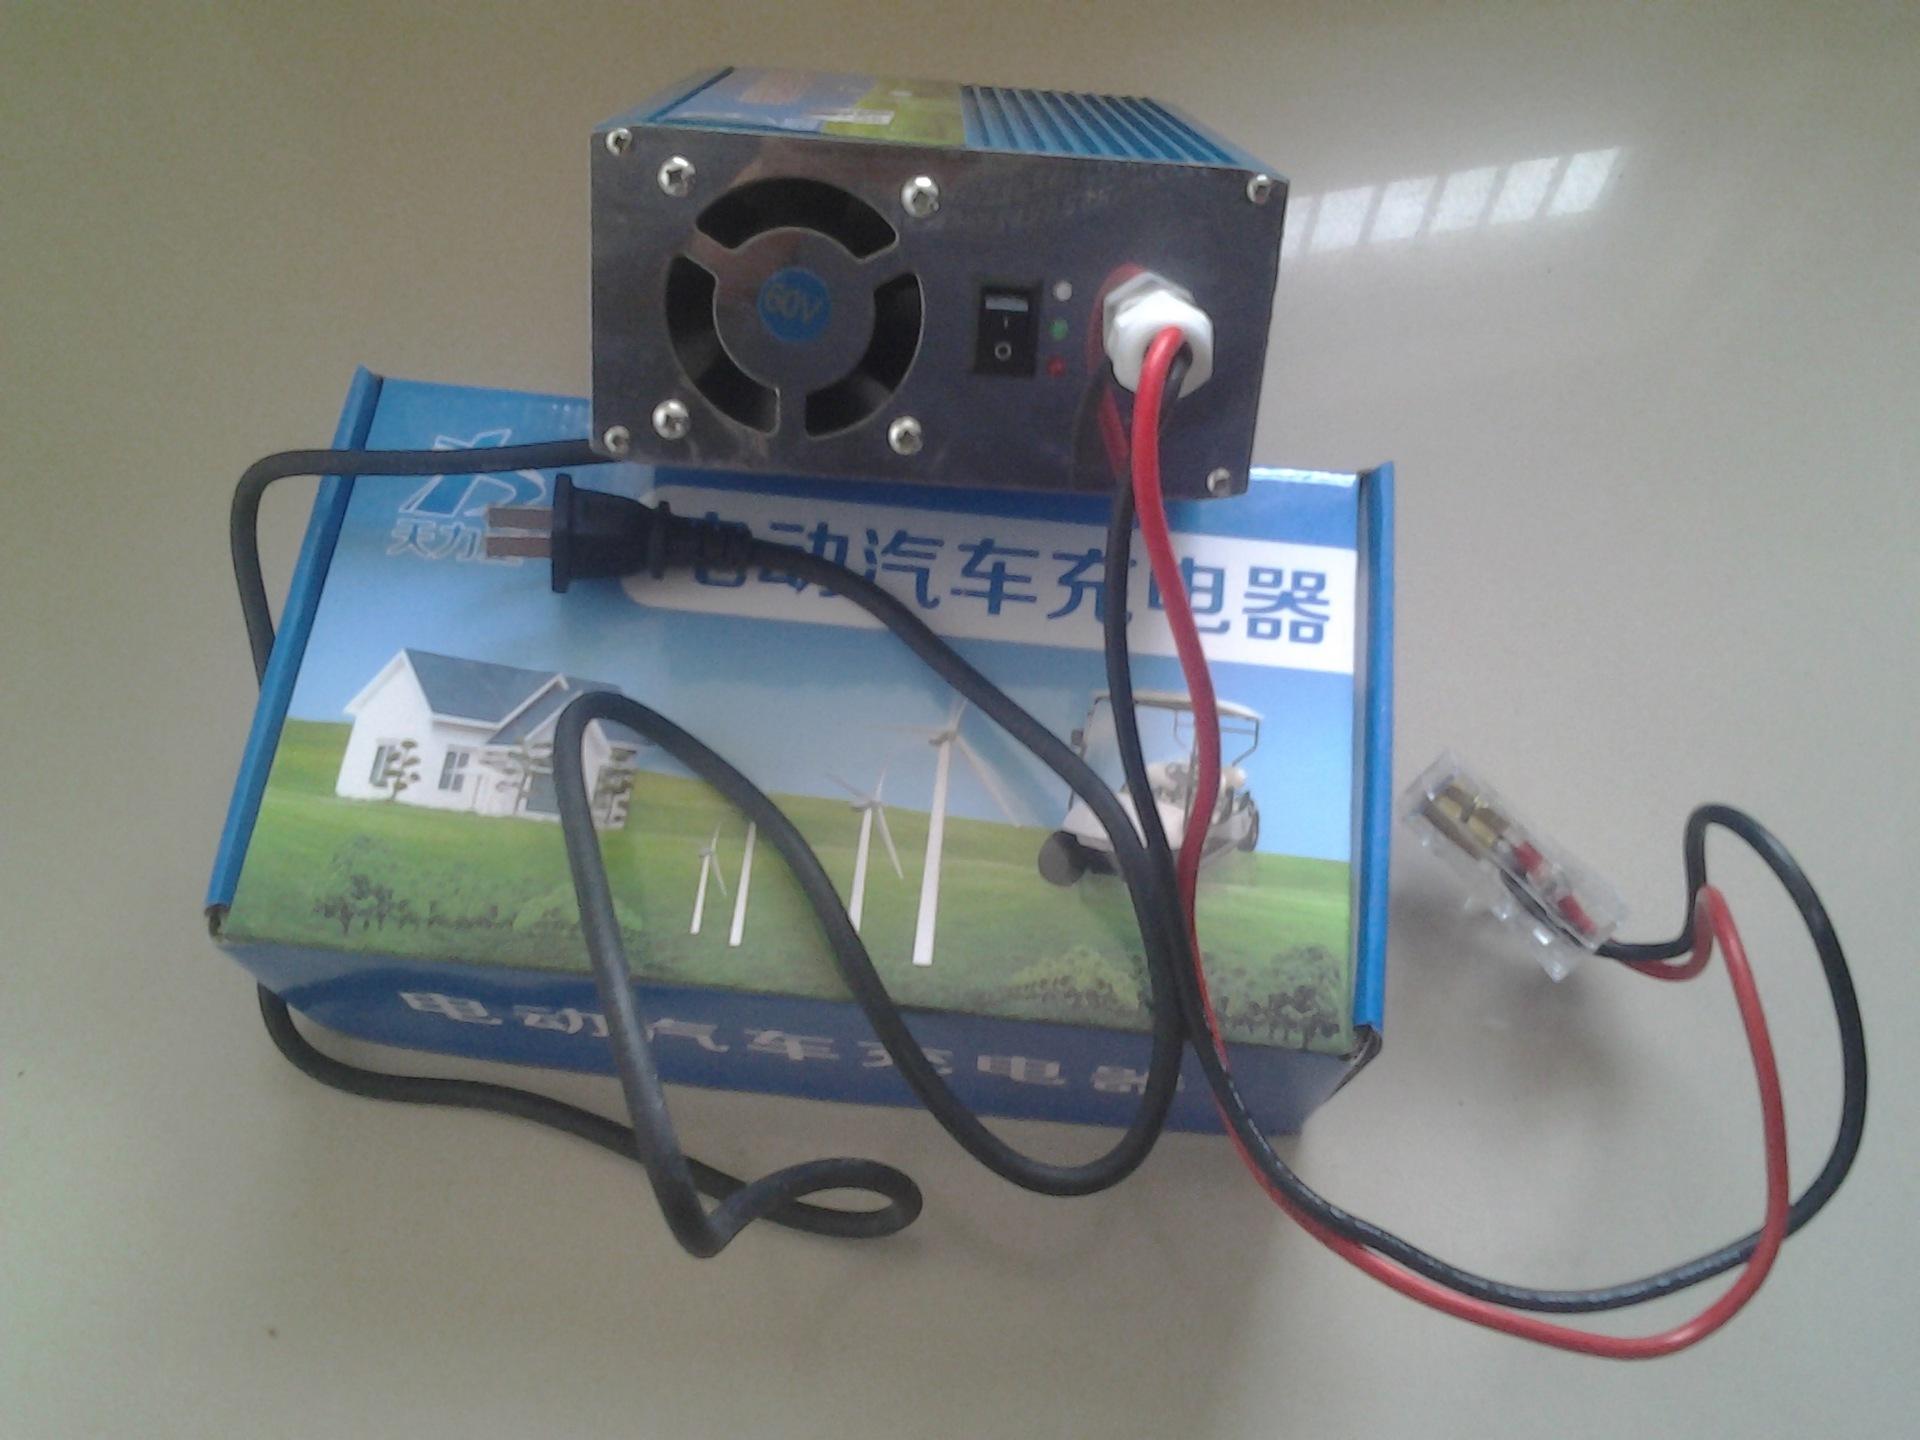 适用所有60V电动汽车专用智能充电机,充电机 -价格,厂家,图片,高清图片